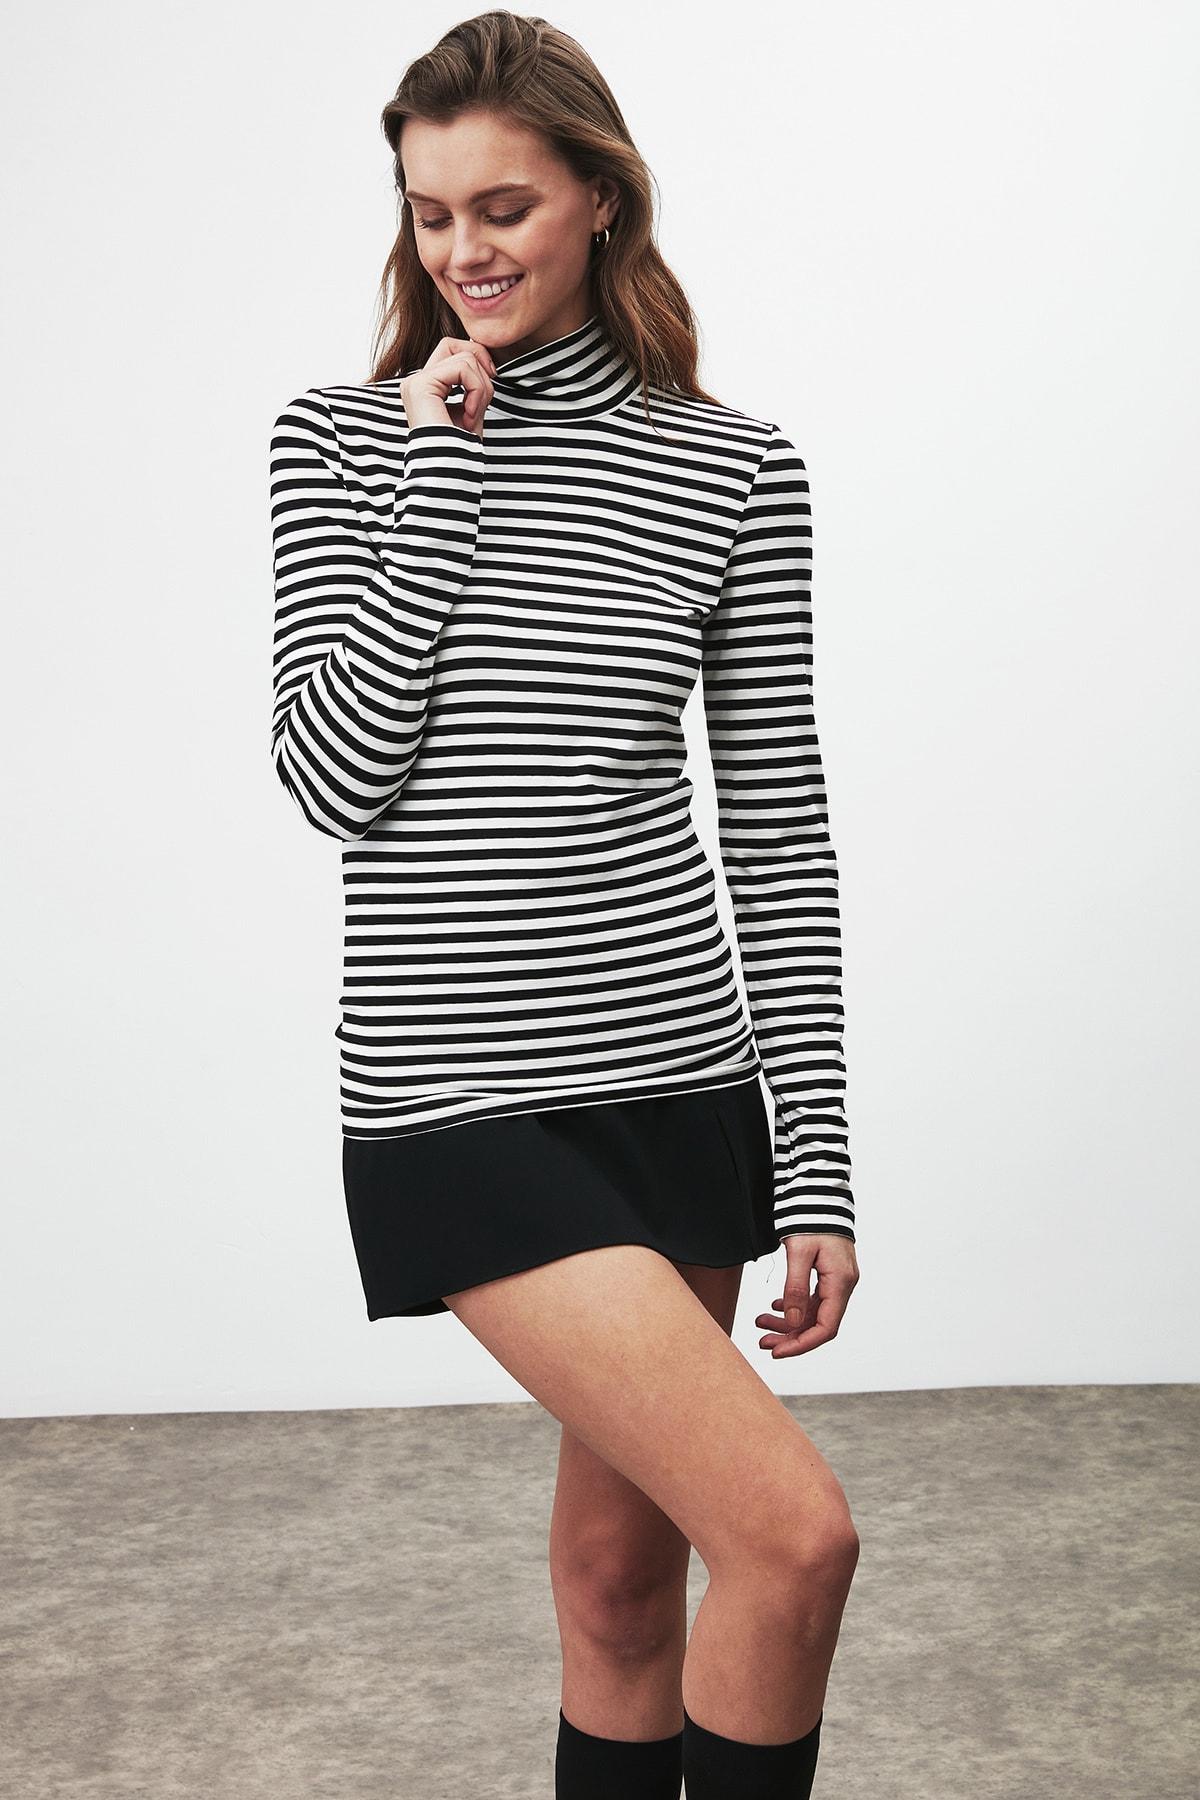 GRIMELANGE CAMILLA Kadın Siyah Beyaz Çizgili Desen Yarım Boğazlı Dar Kesim Bluz 2